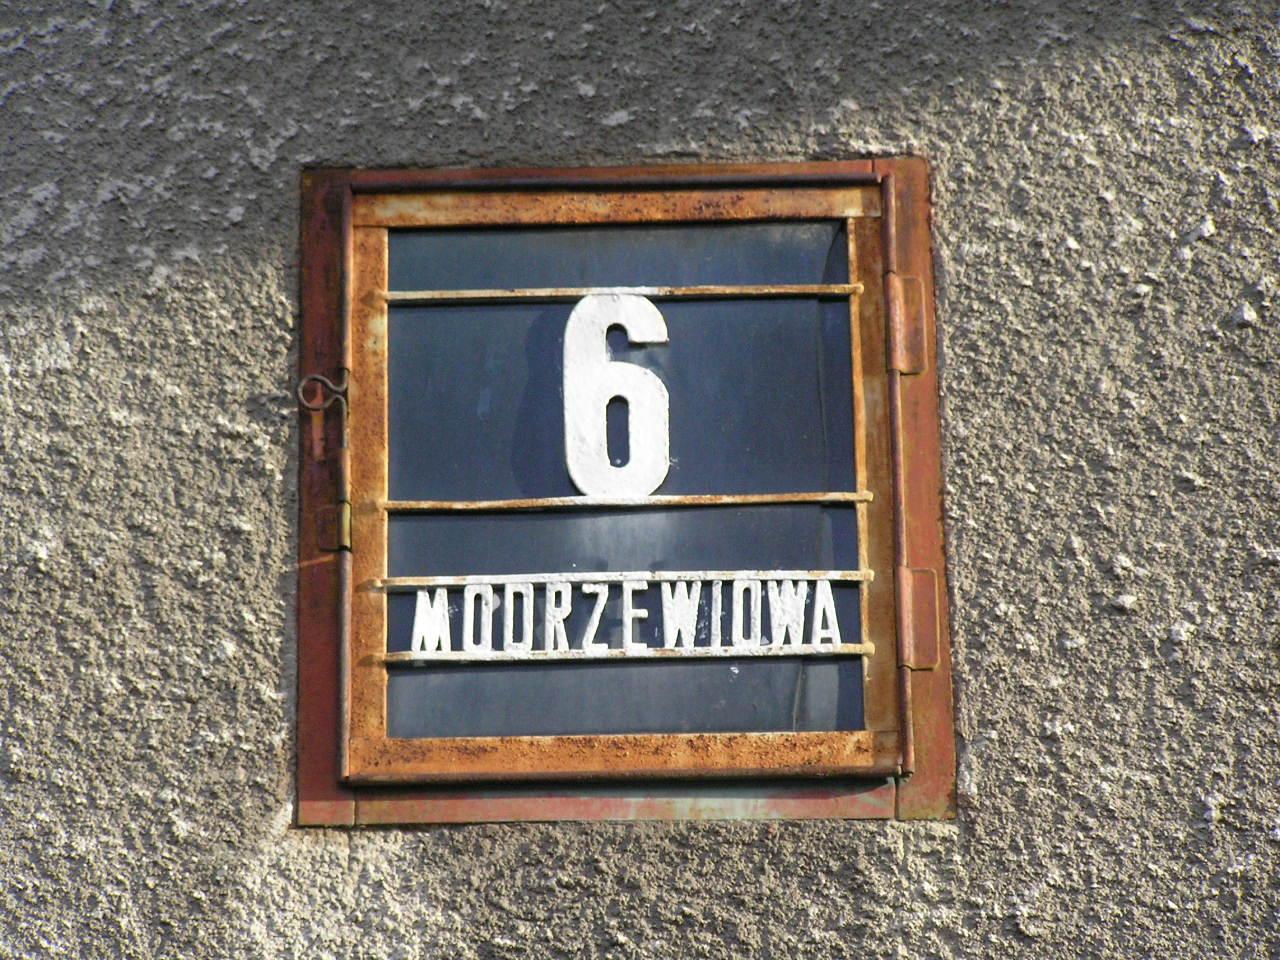 Latarenka adresowa - Modrzewiowa 6